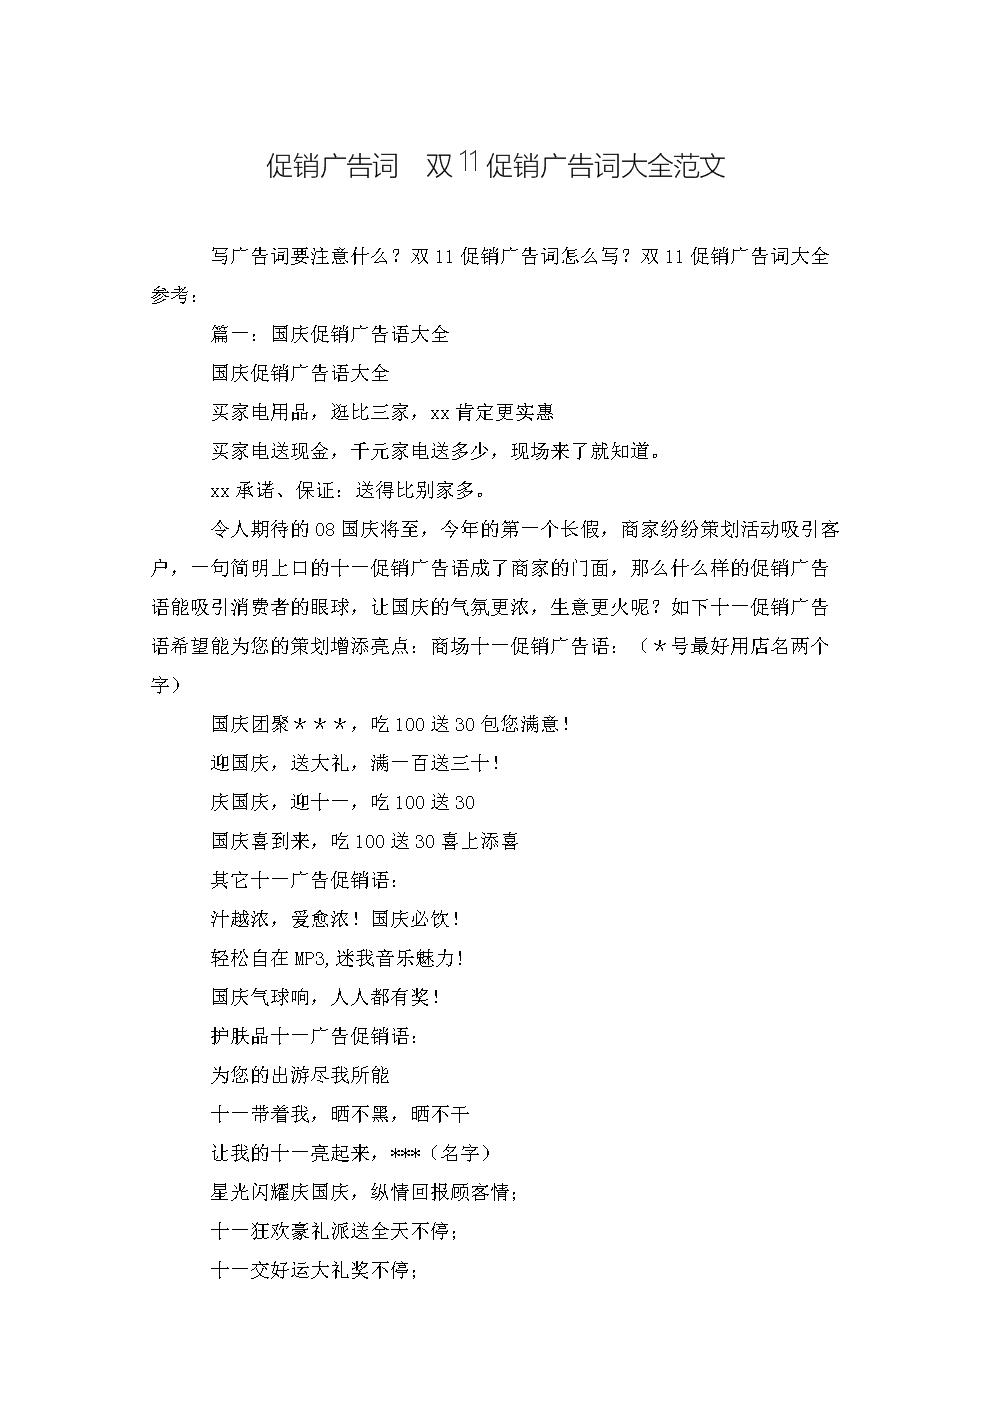 促销广告词  双11促销广告词大全范文最新.doc